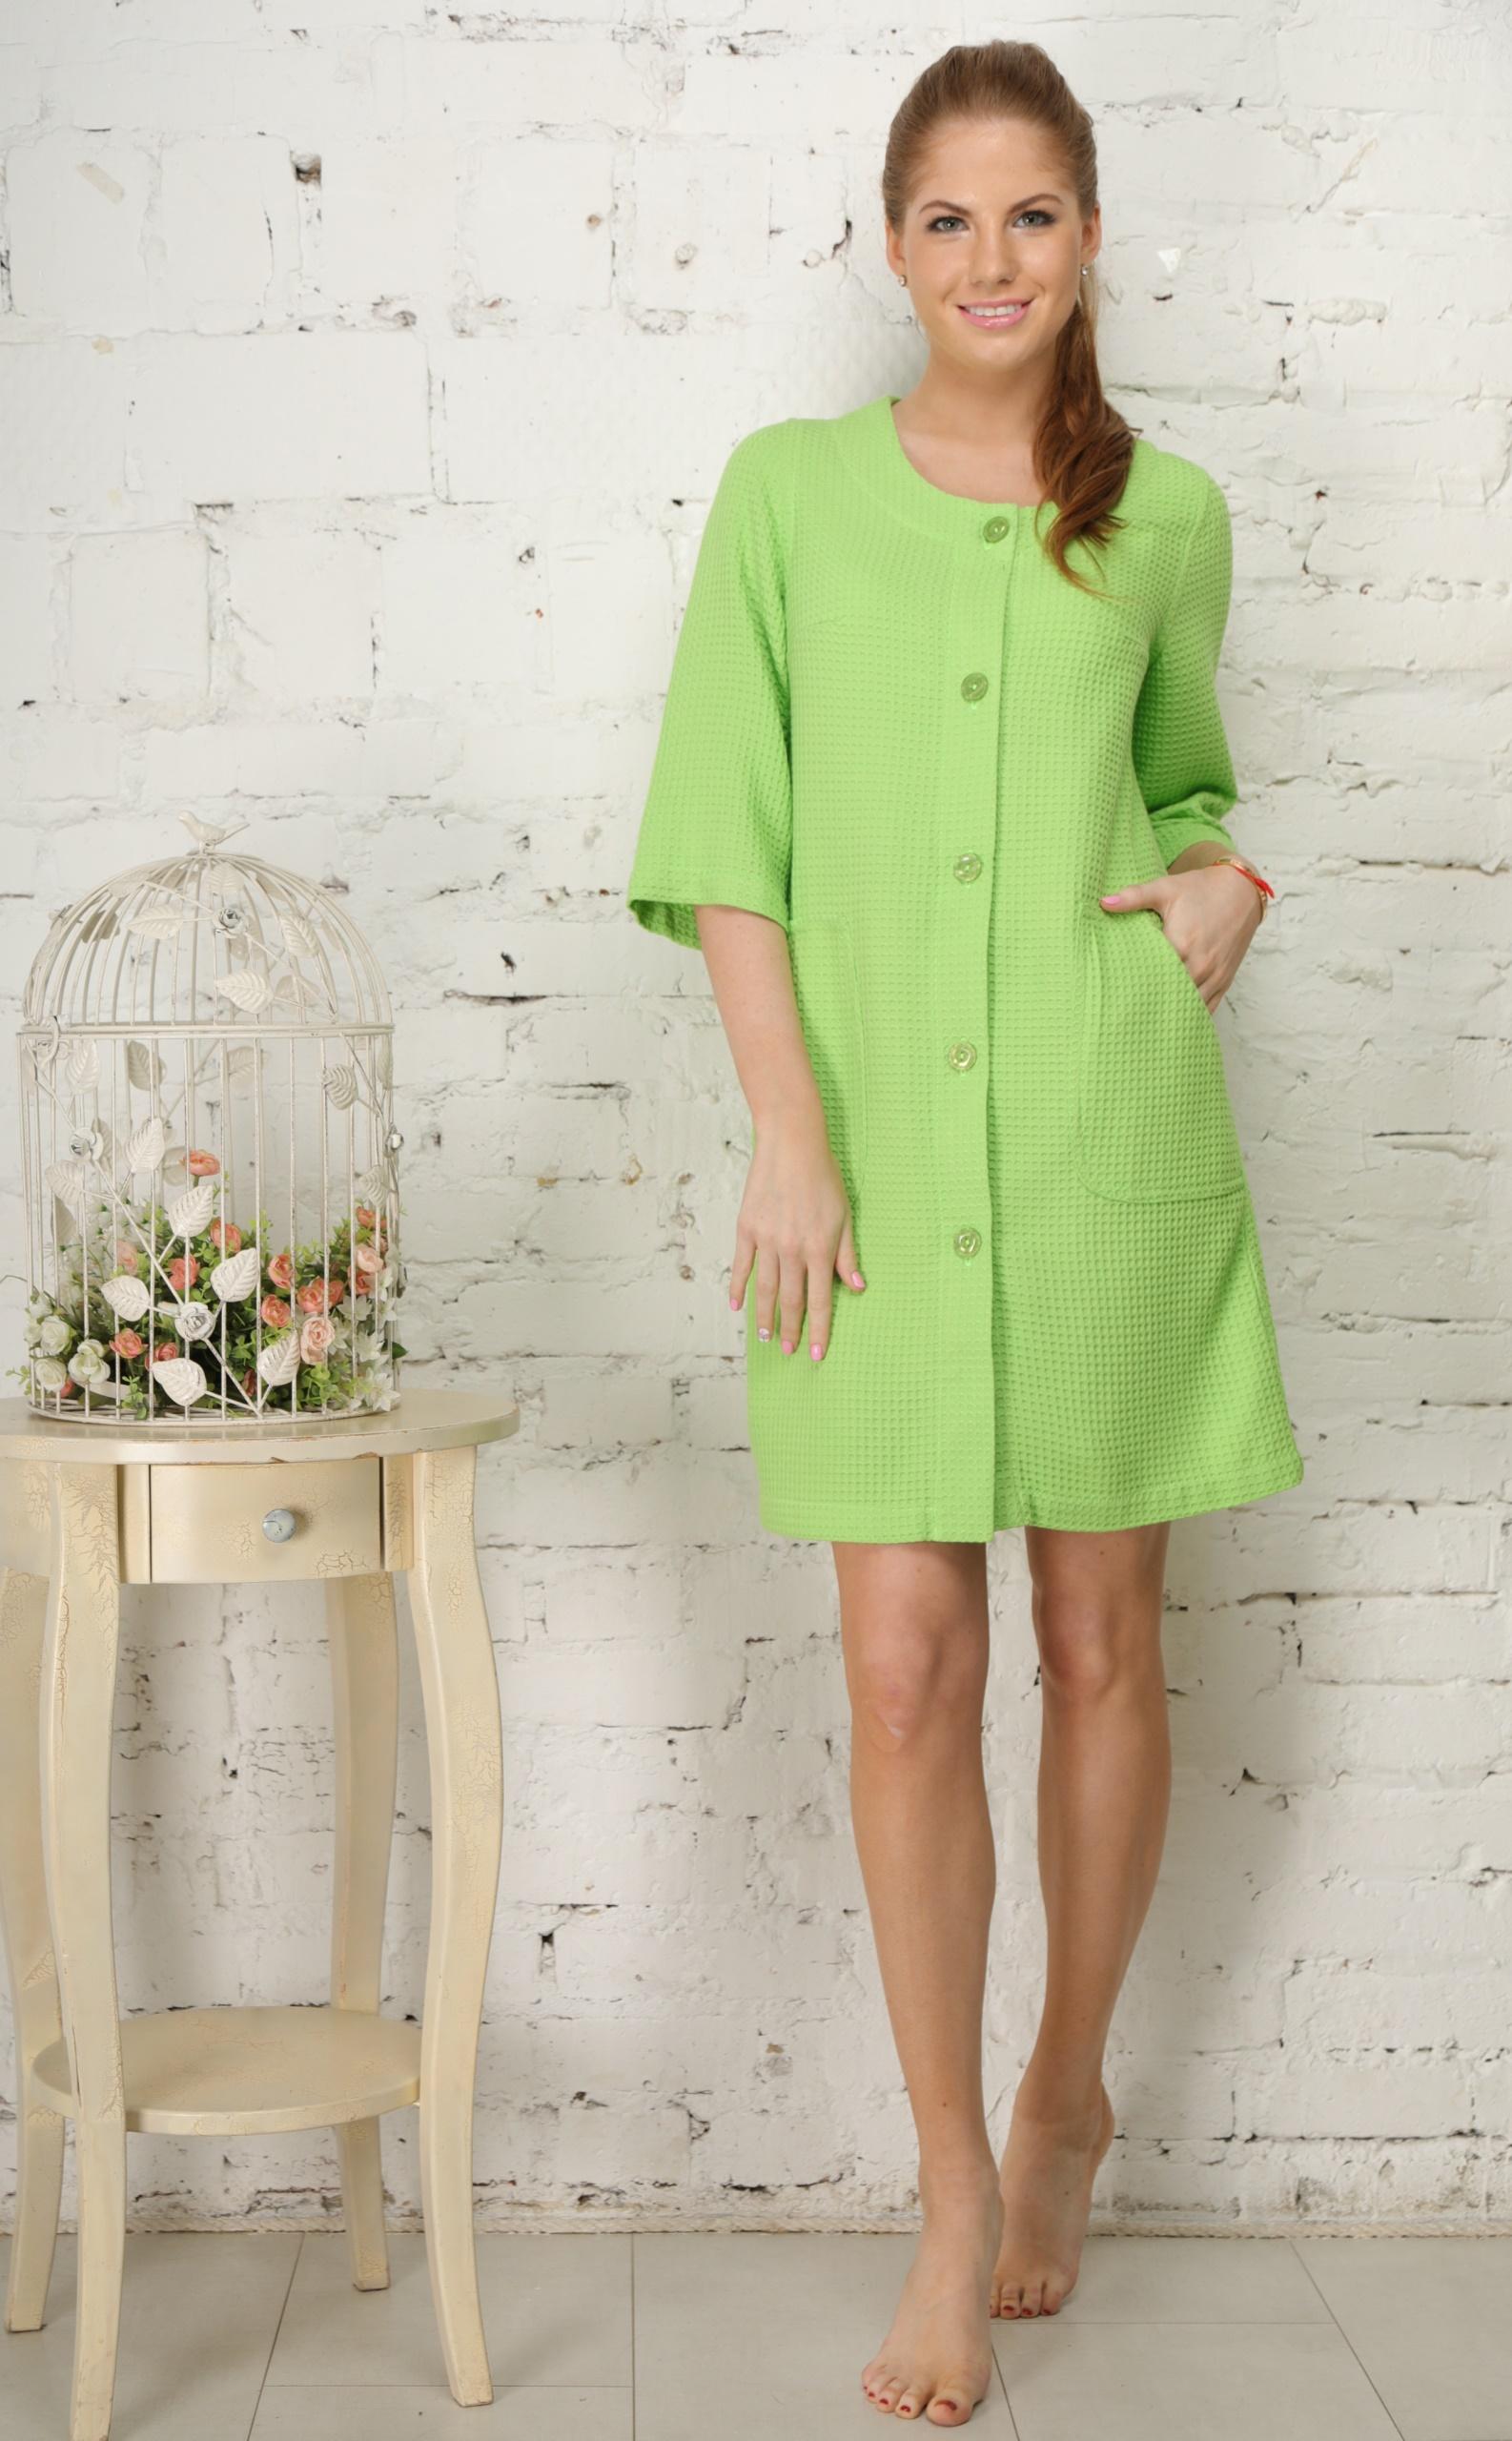 Домашние халаты Five Wien Домашний халат Madlen Цвет: Зеленый (S-M) халаты домашние лори халат